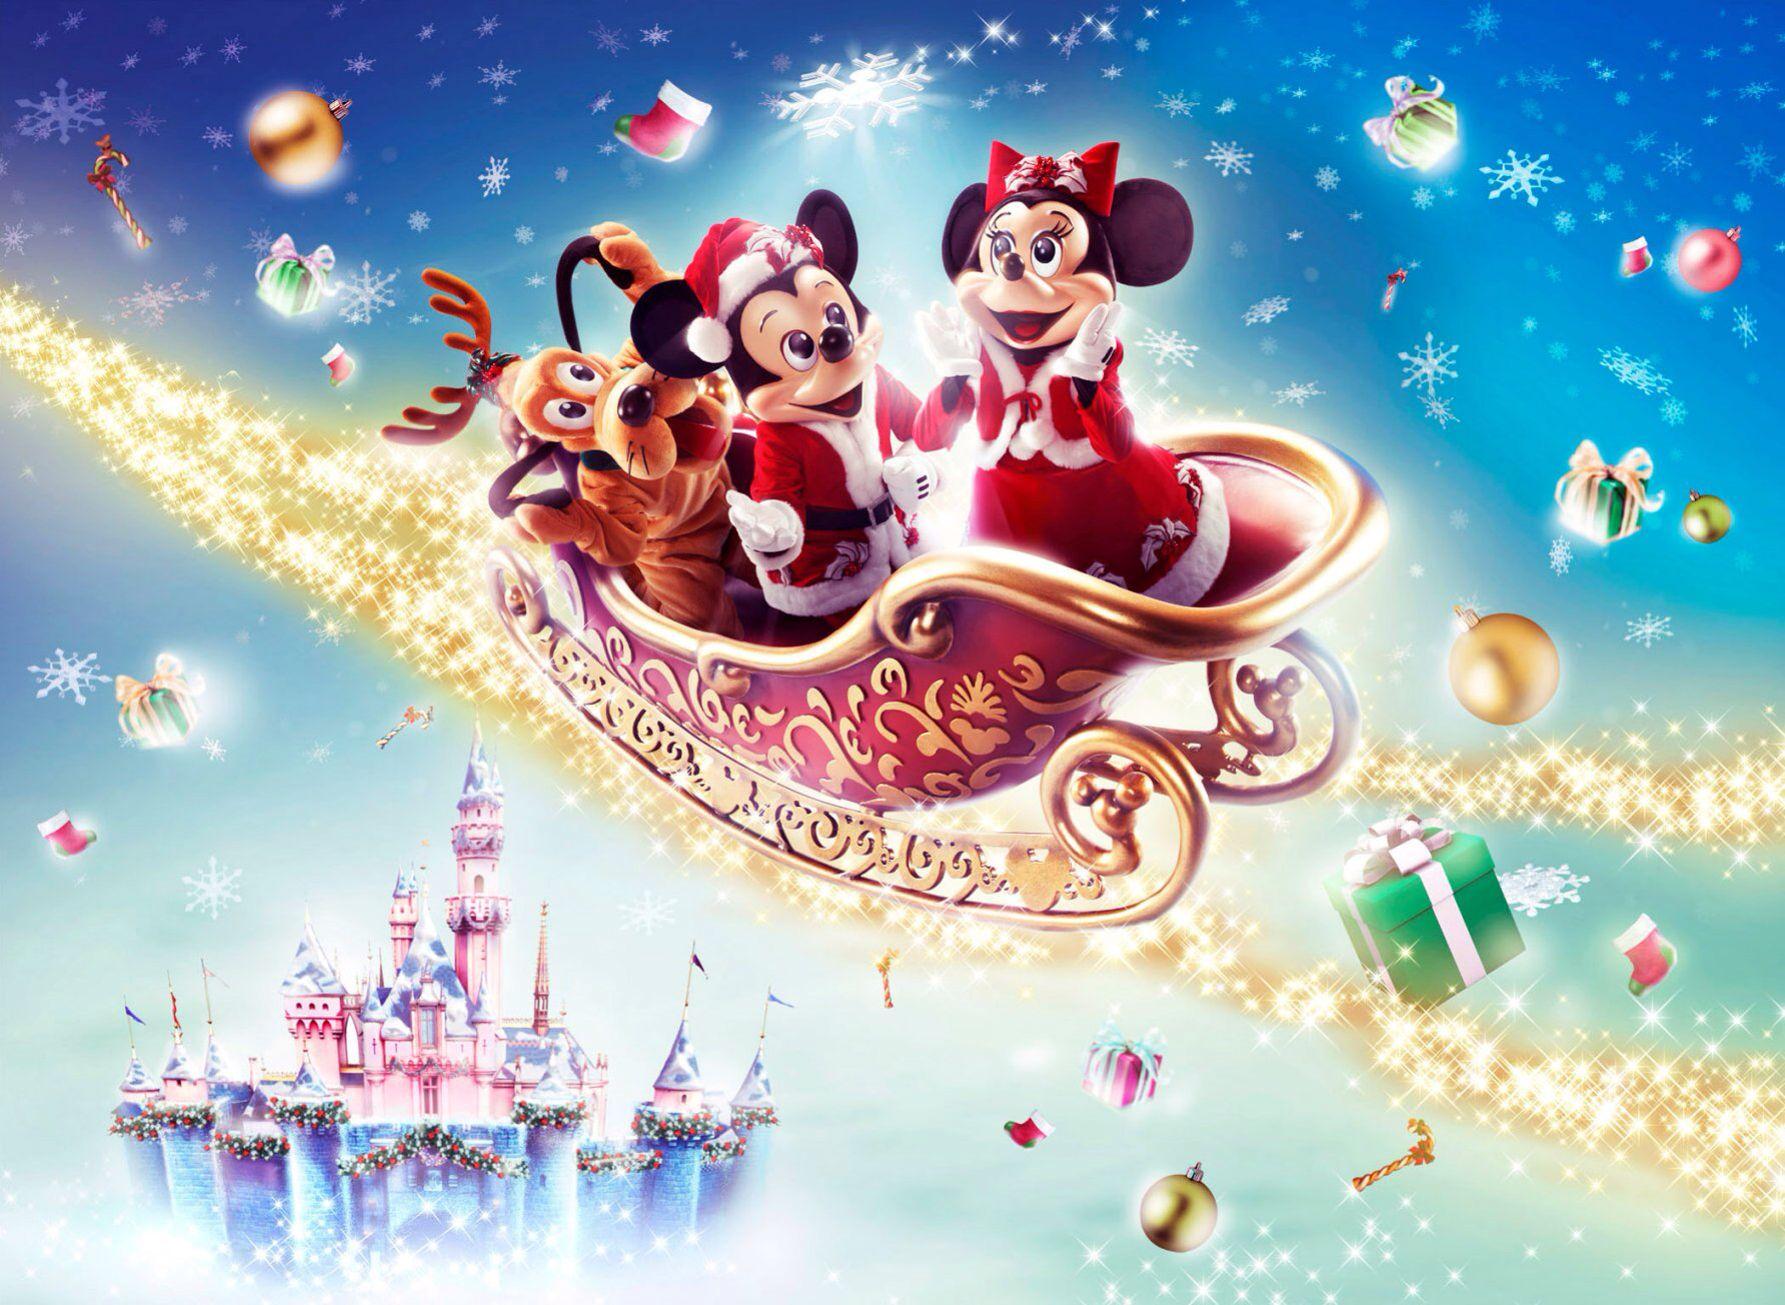 Disney christmas disney christmas for dorry pinterest - Joyeux noel disney ...